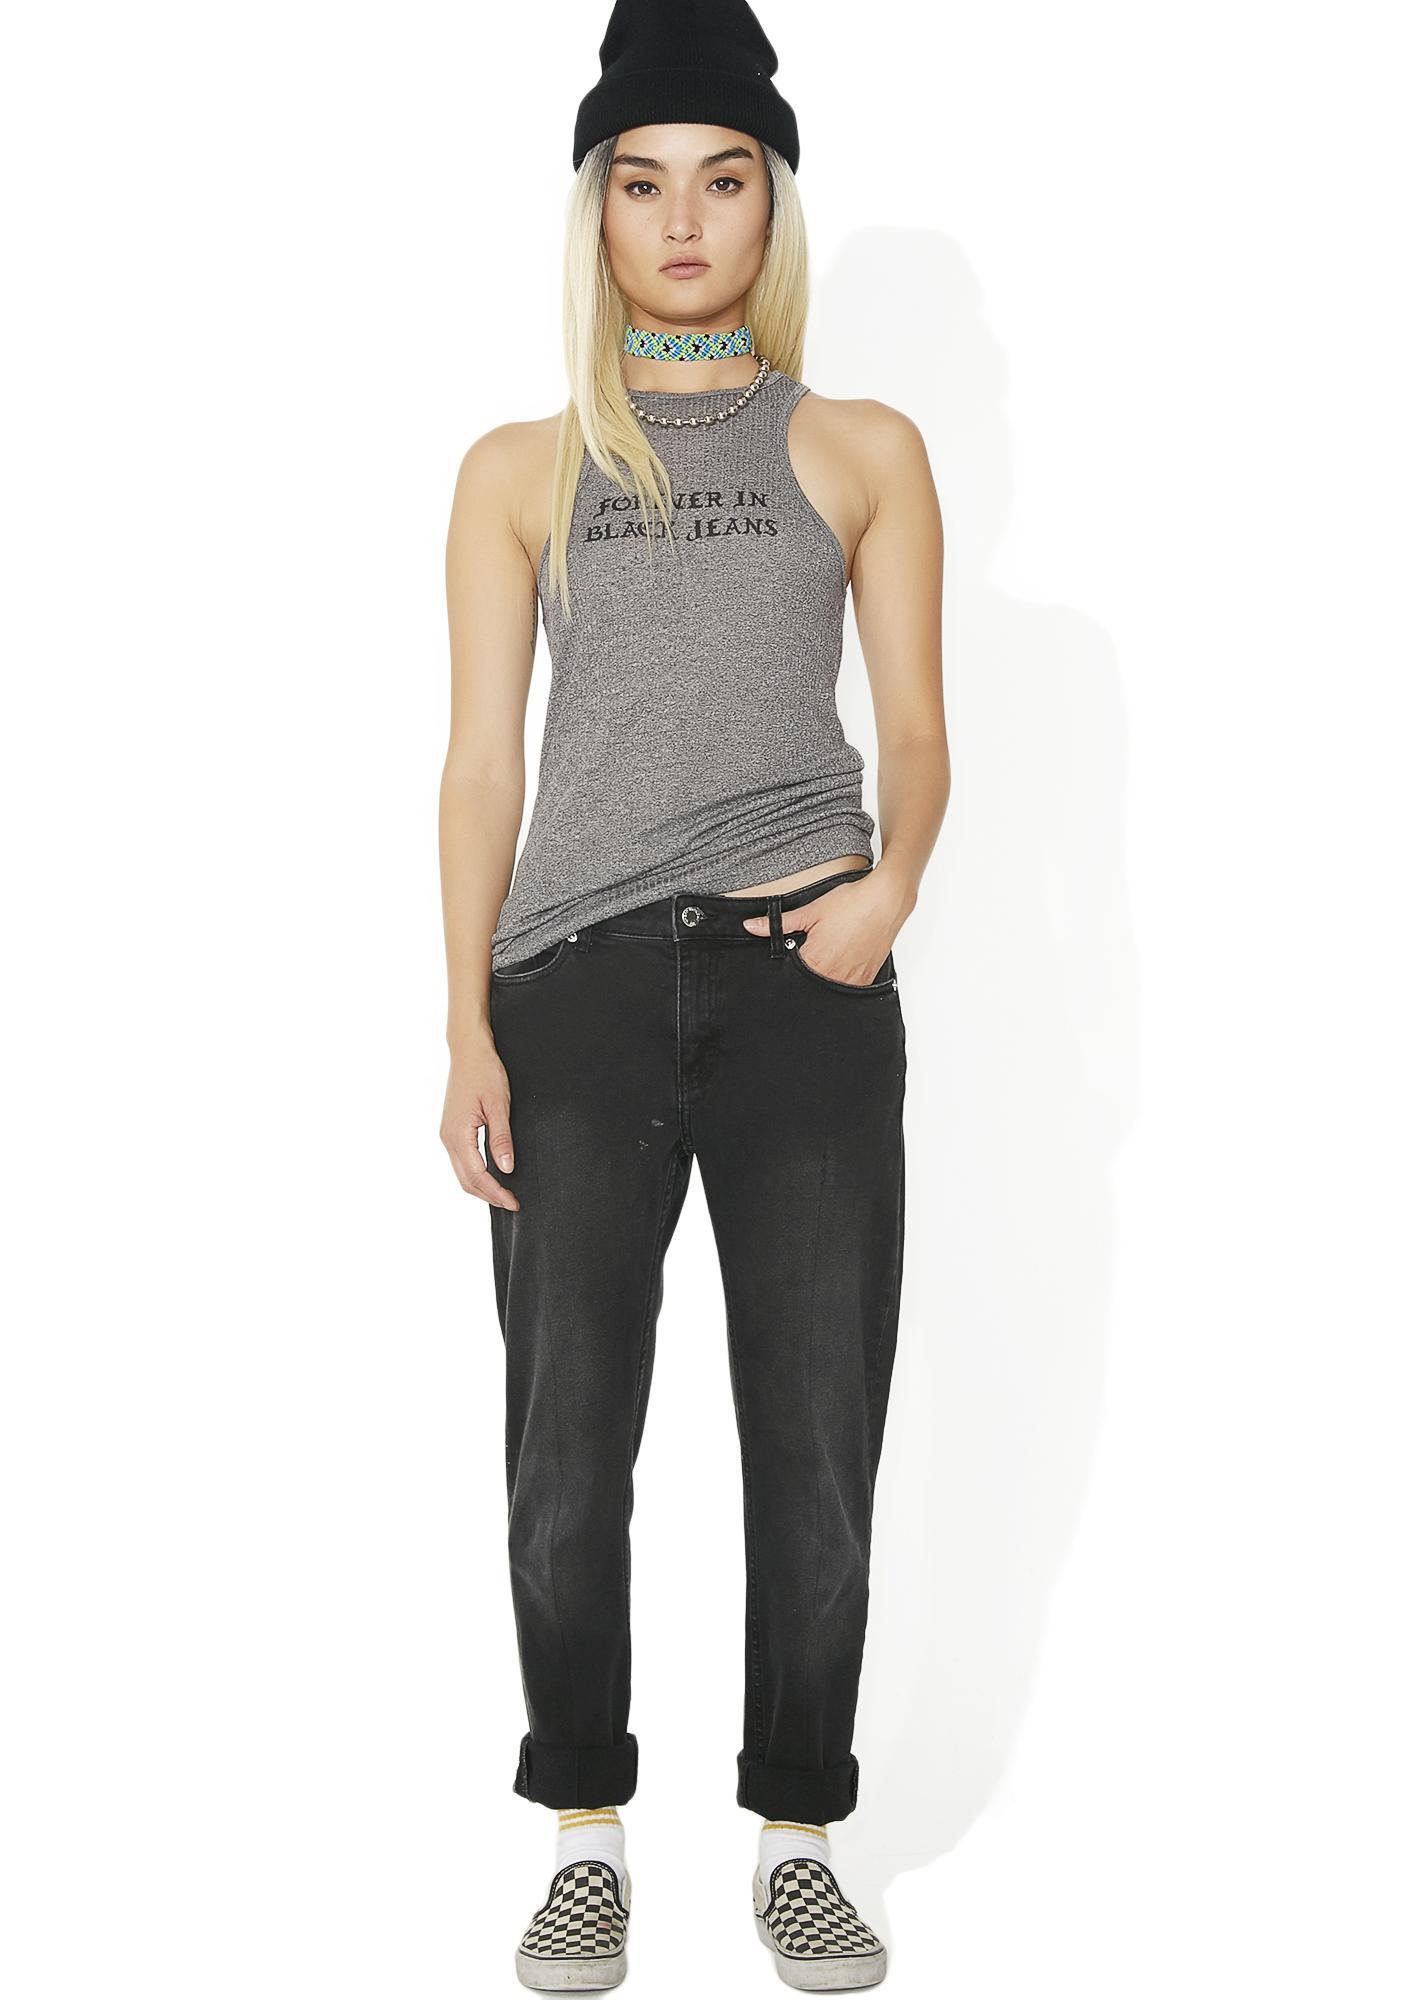 Obey Forever In Black Jeans Brando Tank